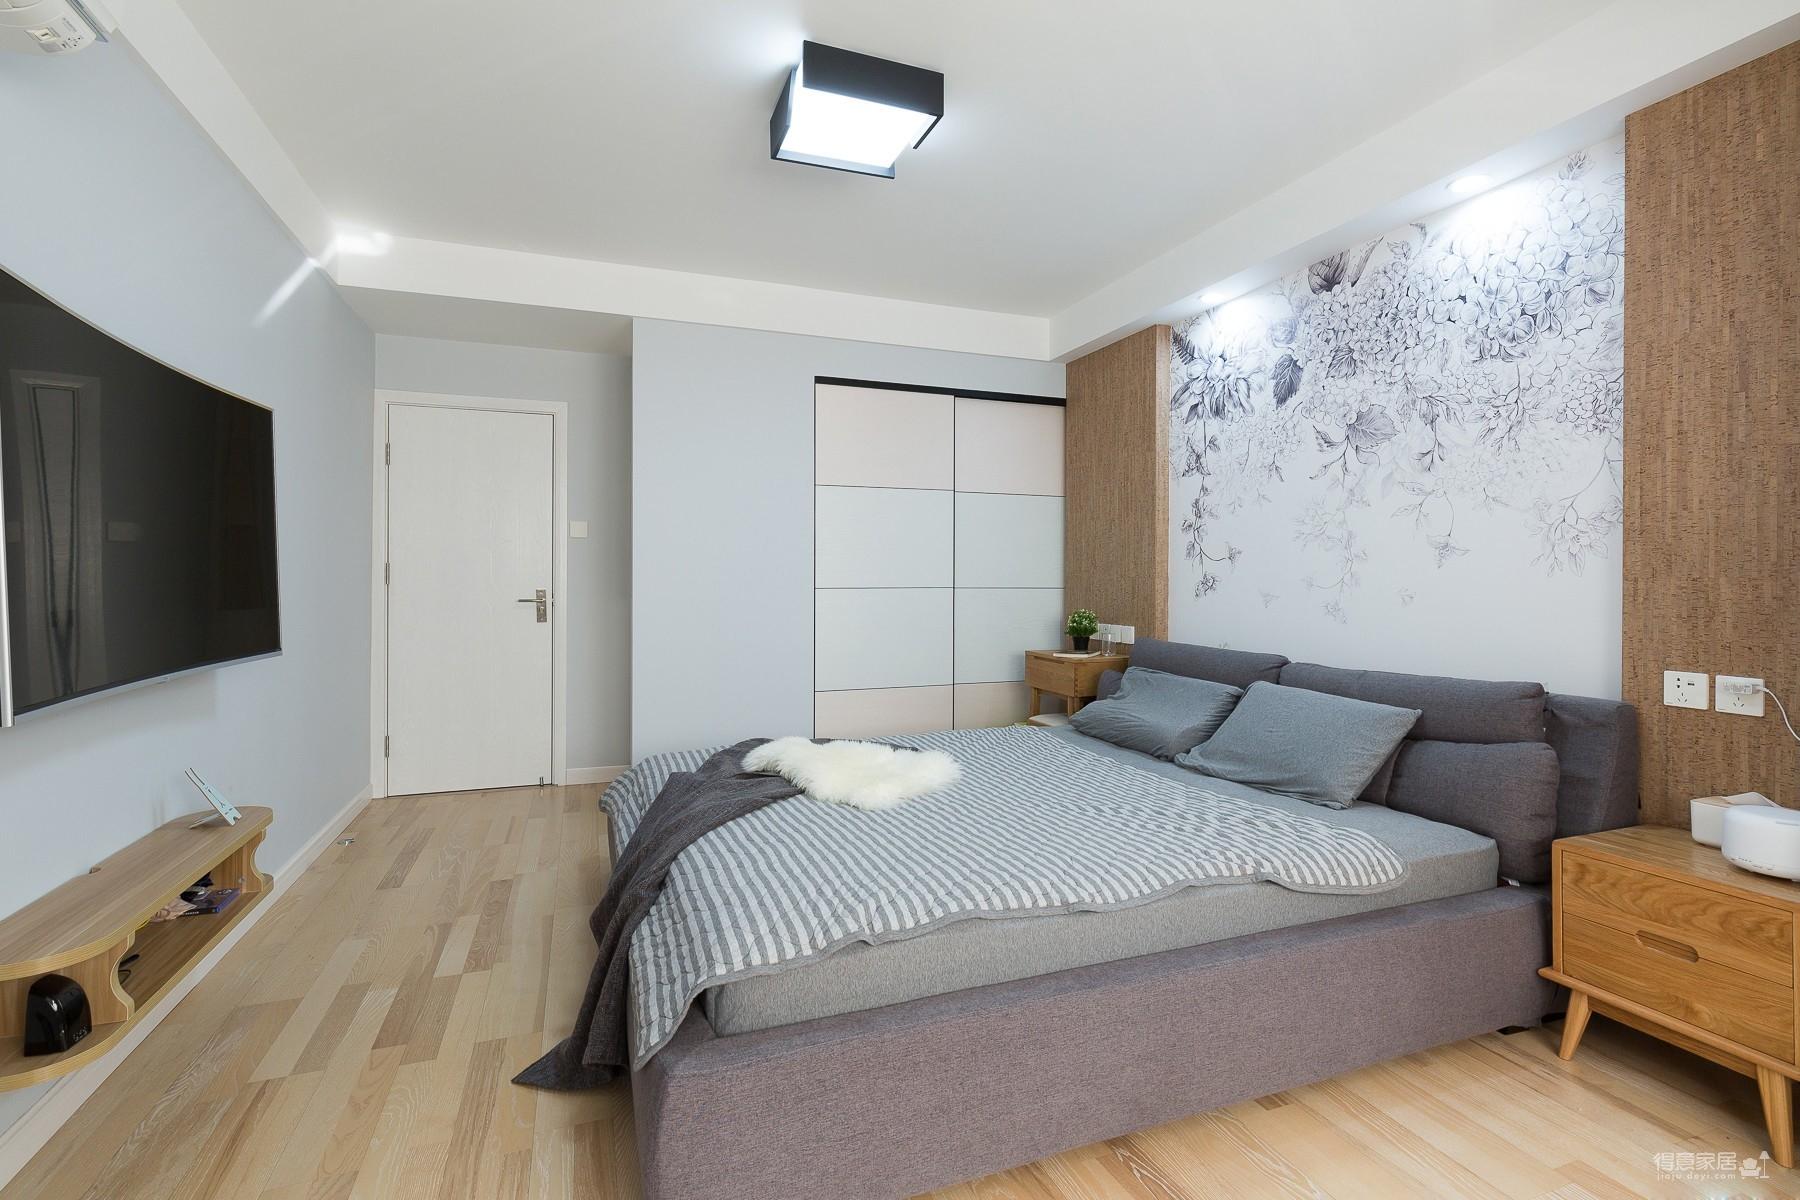 60平小公寓的空间利用图_15